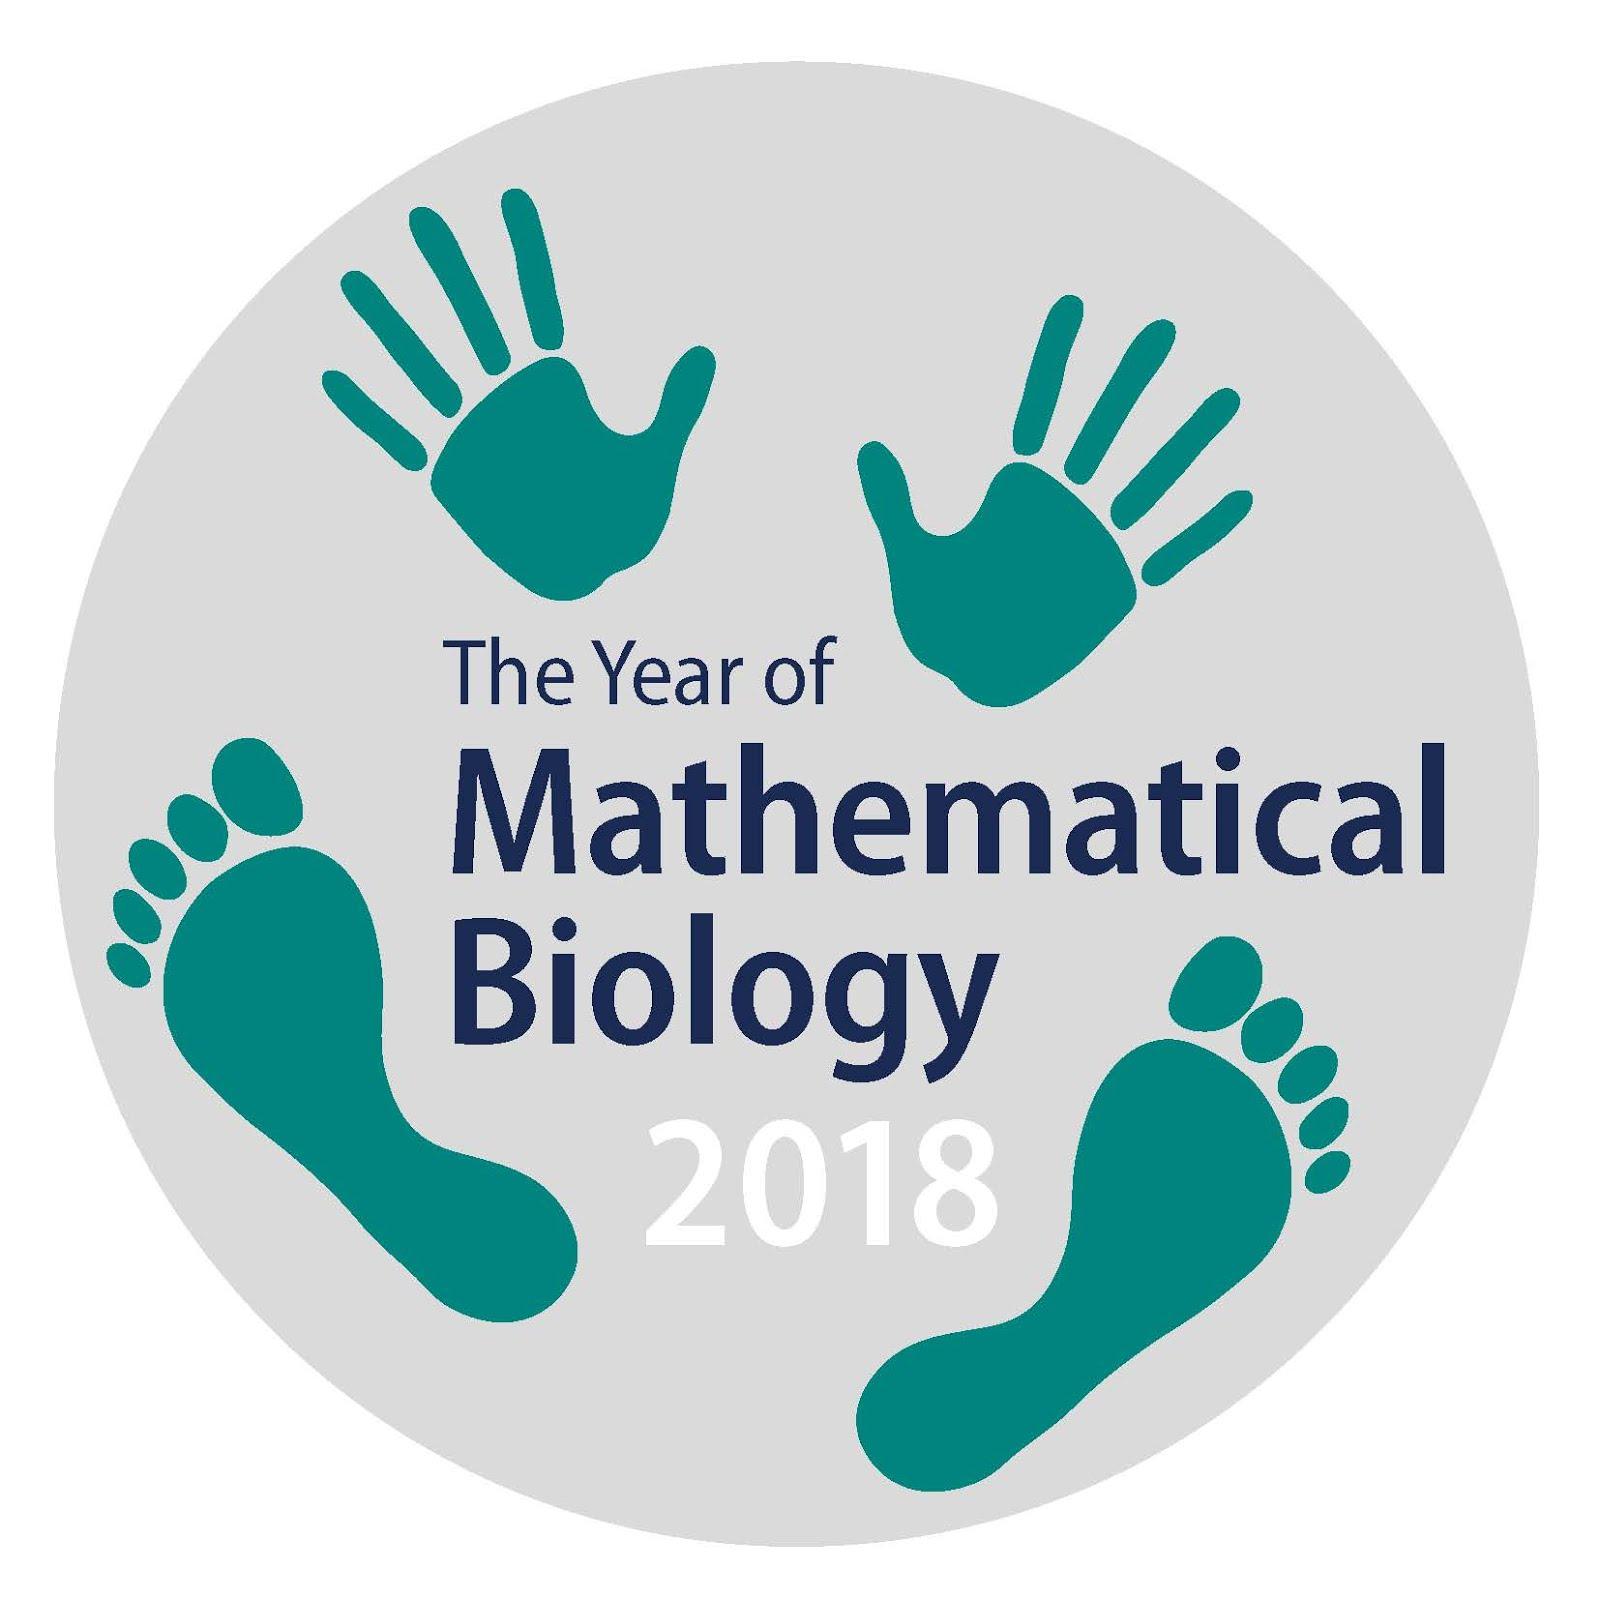 2018. Año Internacional de la Biología Matemática